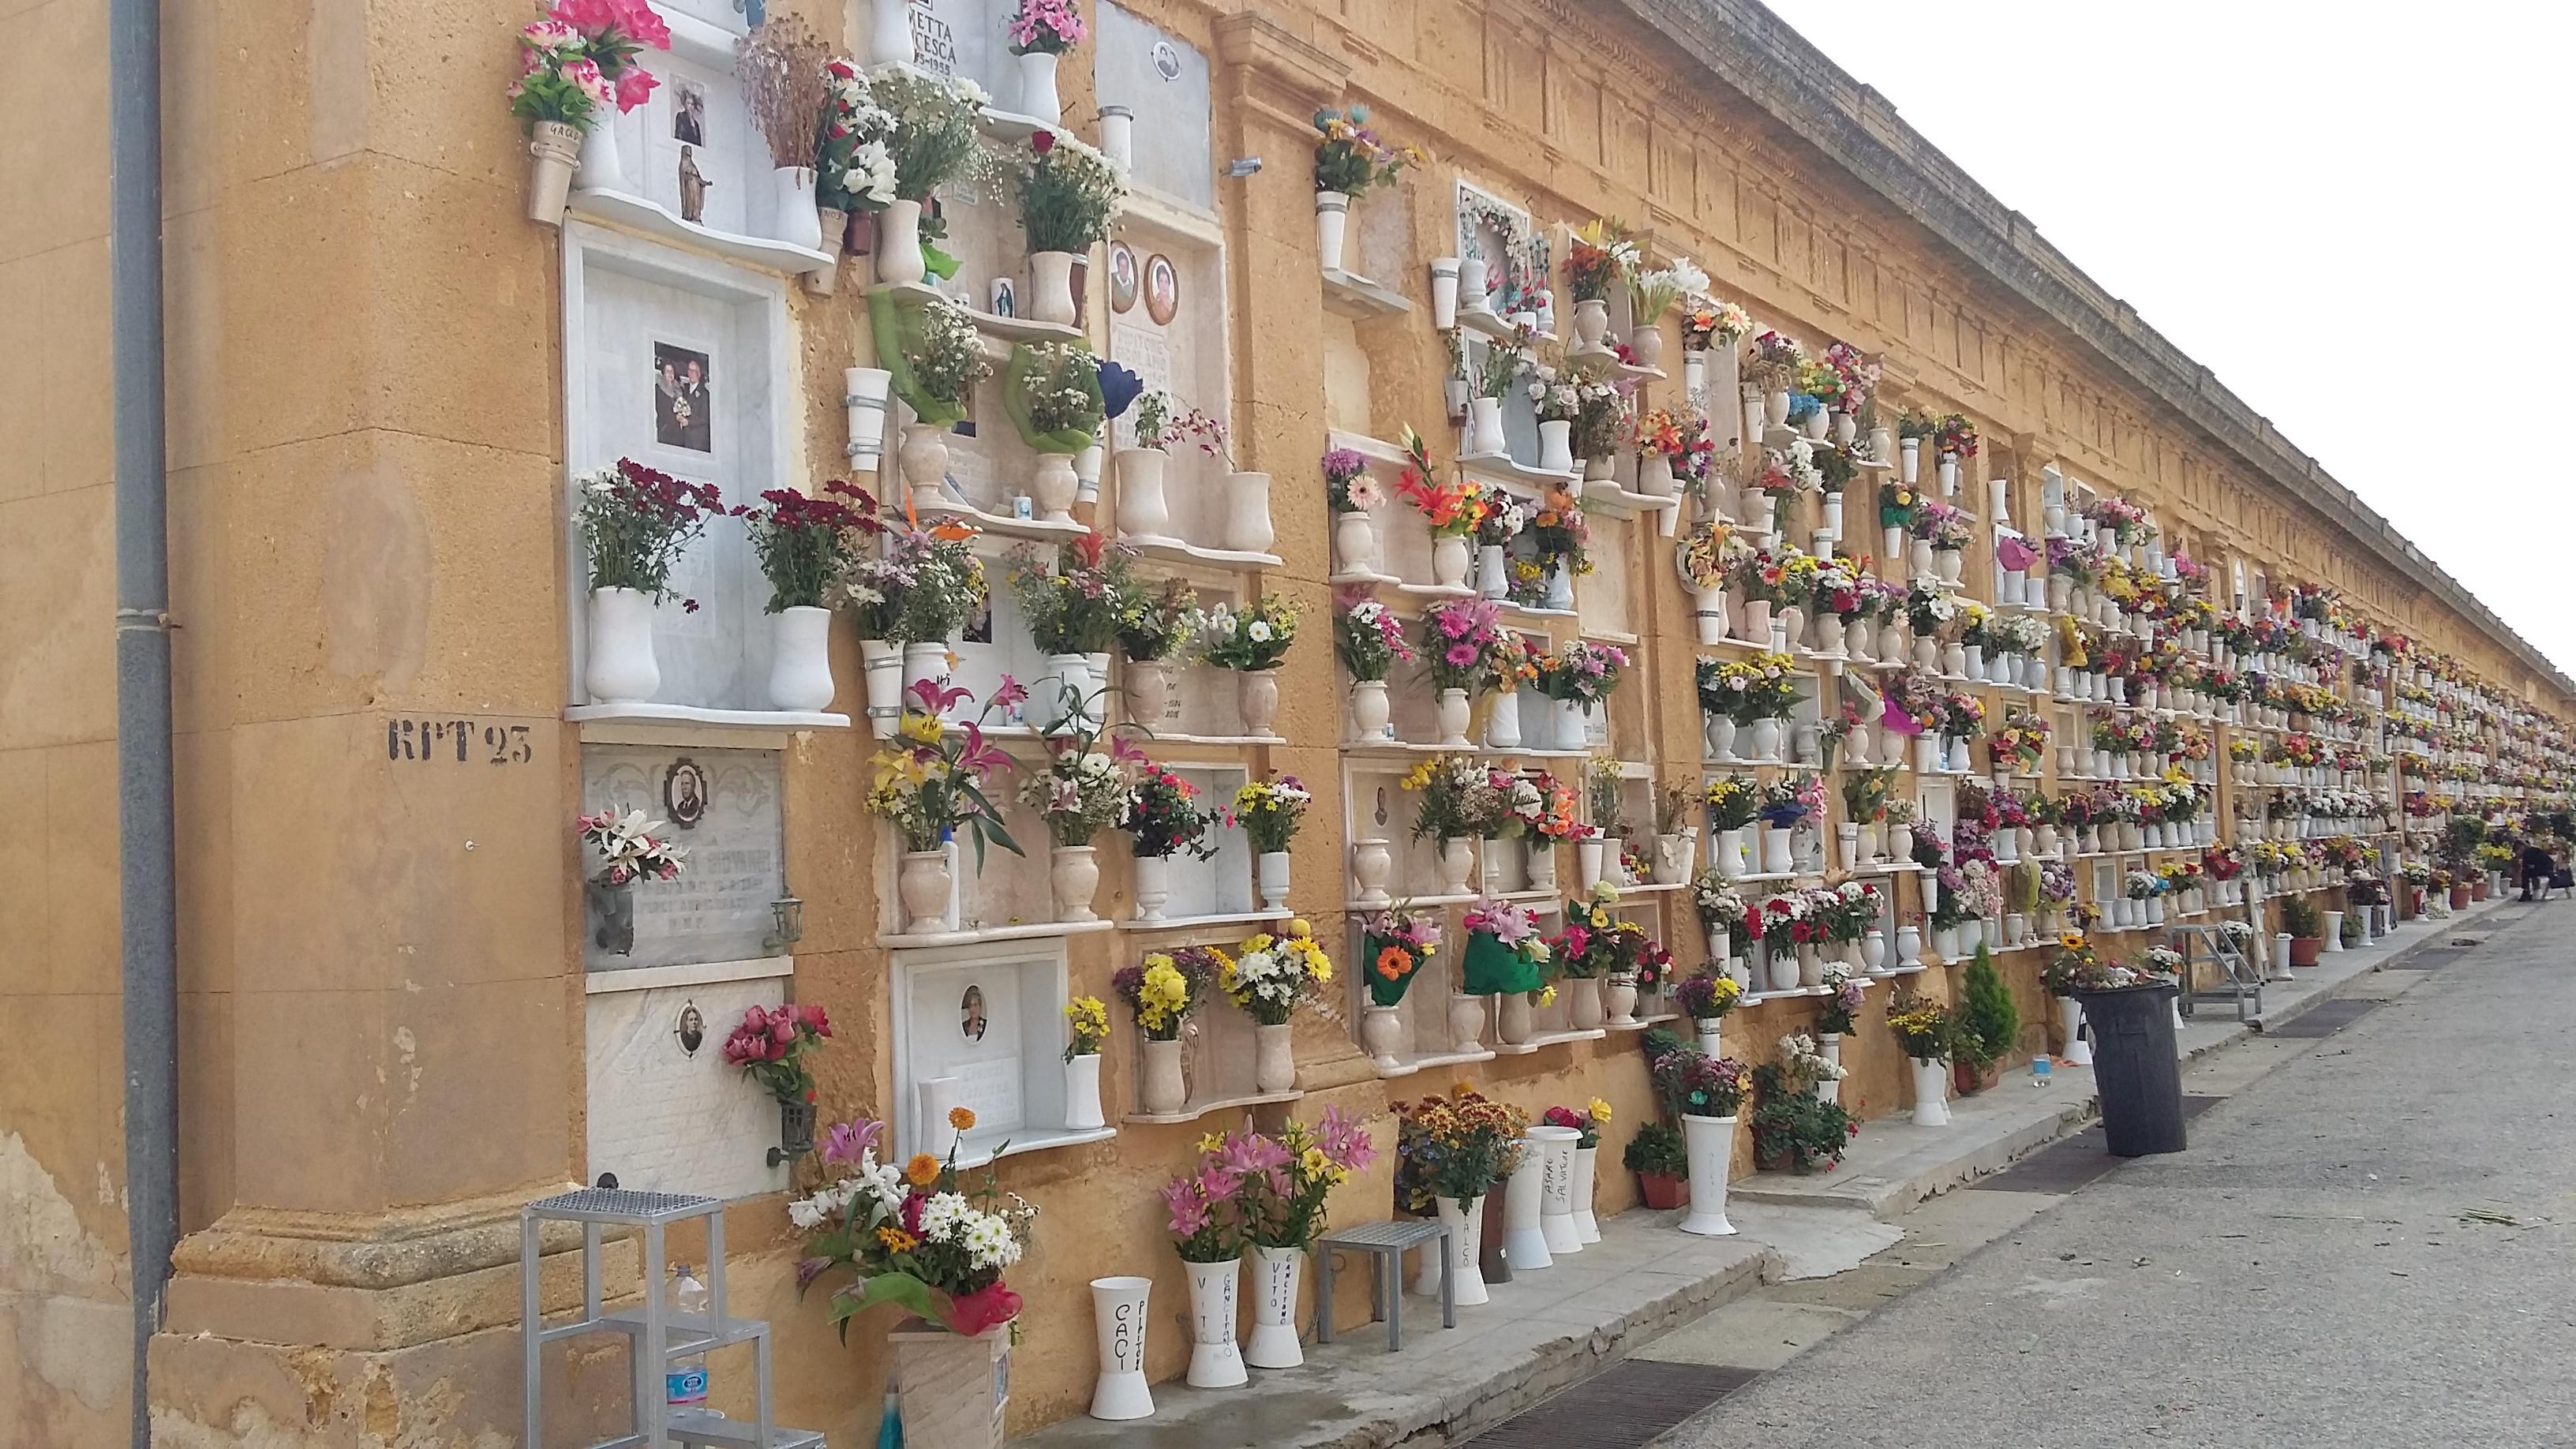 Mazara. COMMEMORAZIONE DEFUNTI. Apertura continuata del Cimitero Comunale nei giorni 1 e 2 Novembre